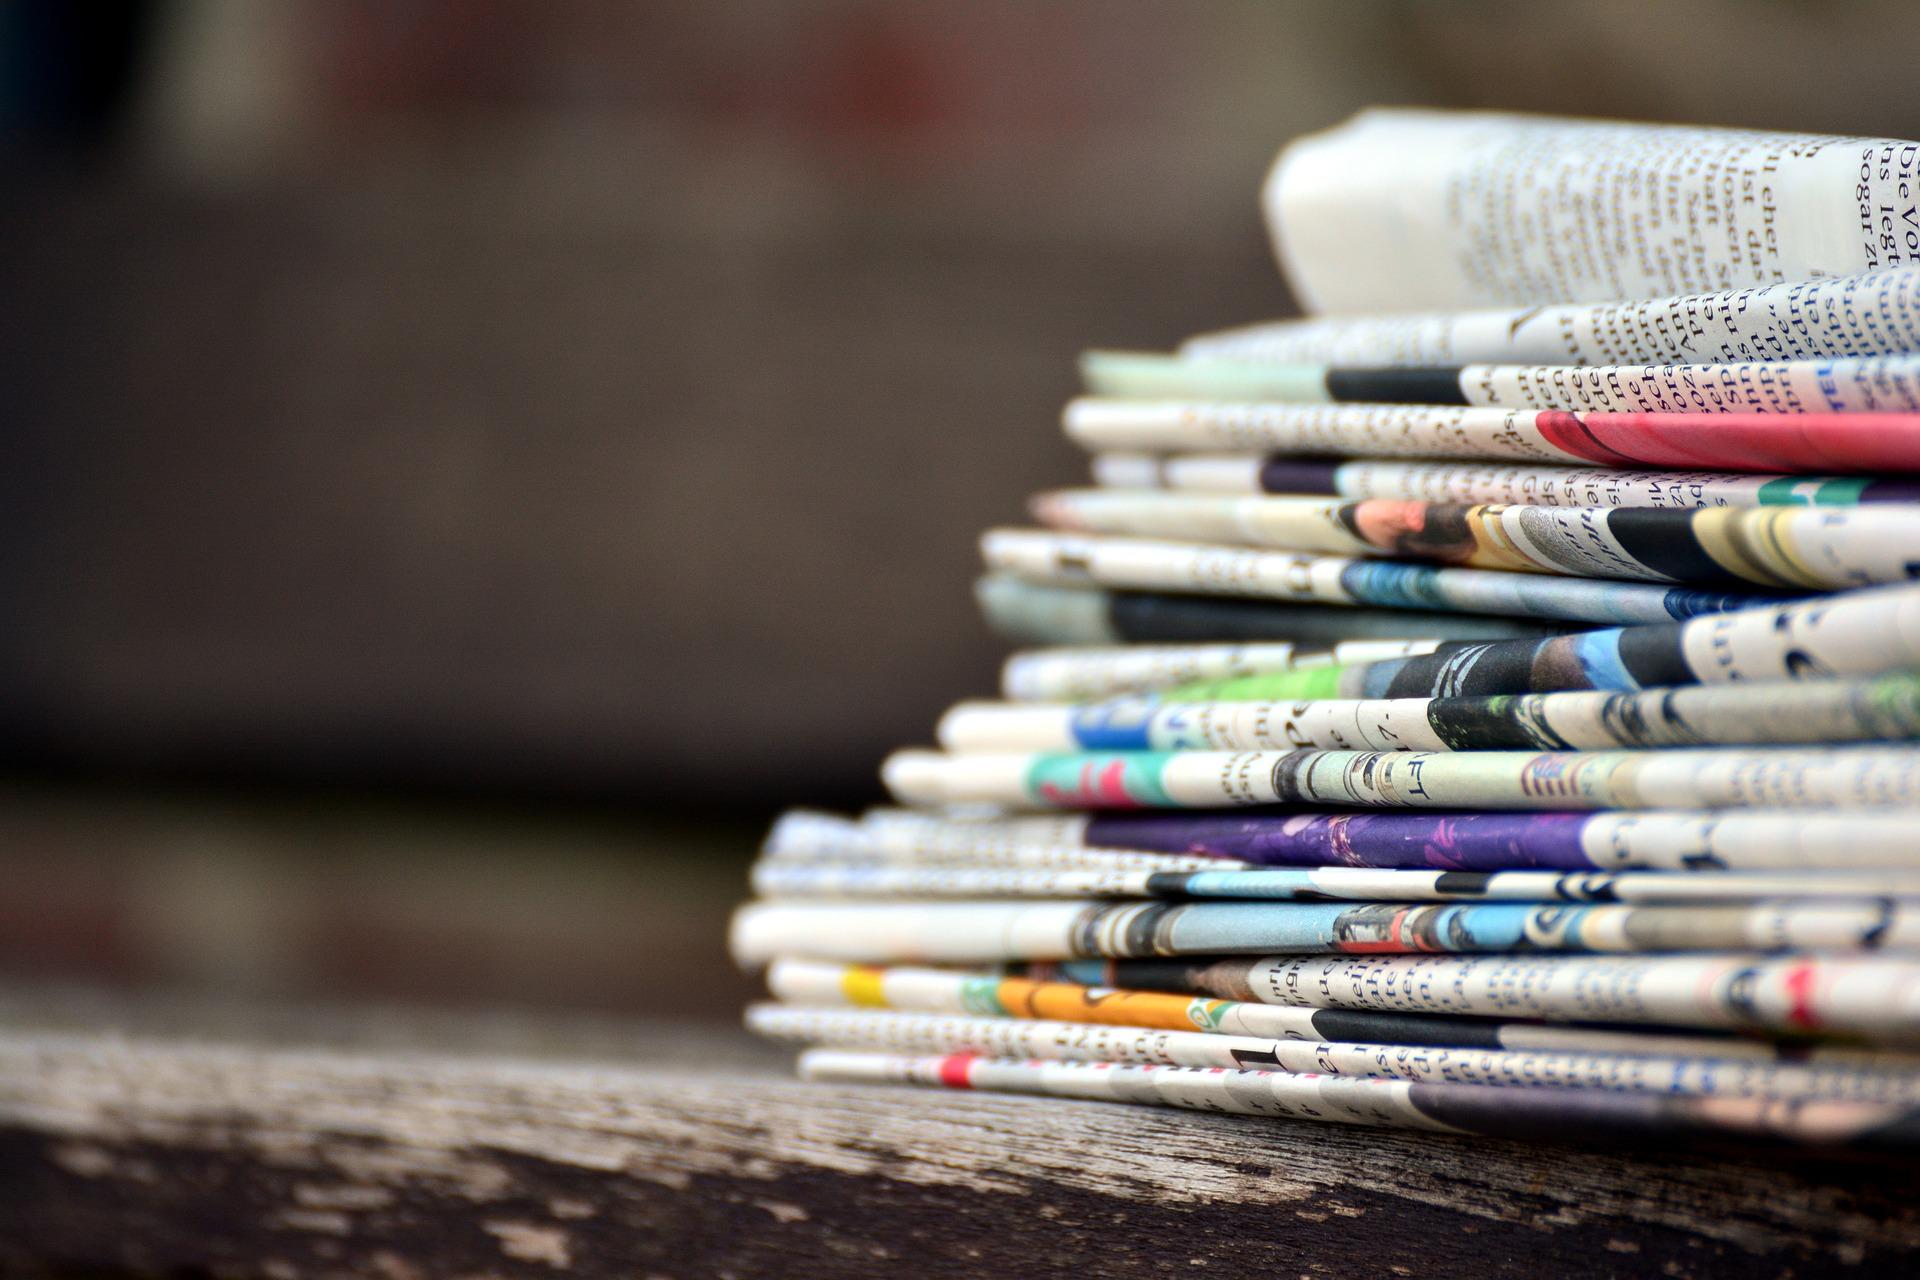 Mediji i izbori: Dezinformacije prisutne, izvještavanje neizbalansirano